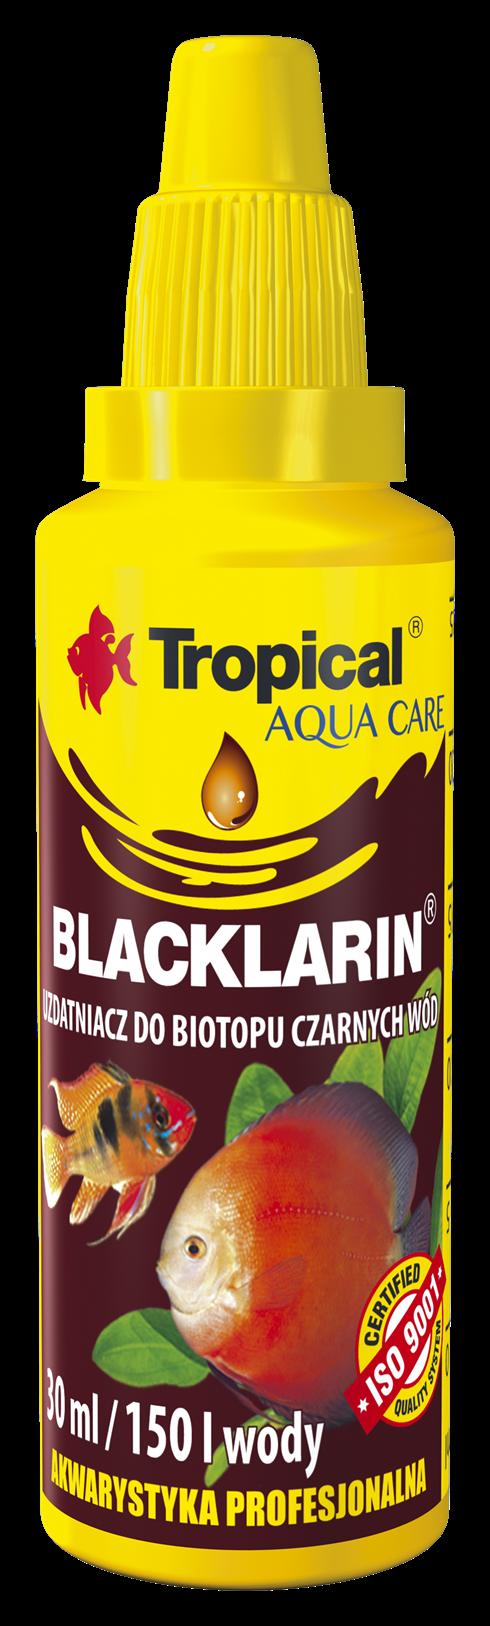 Blacklarin